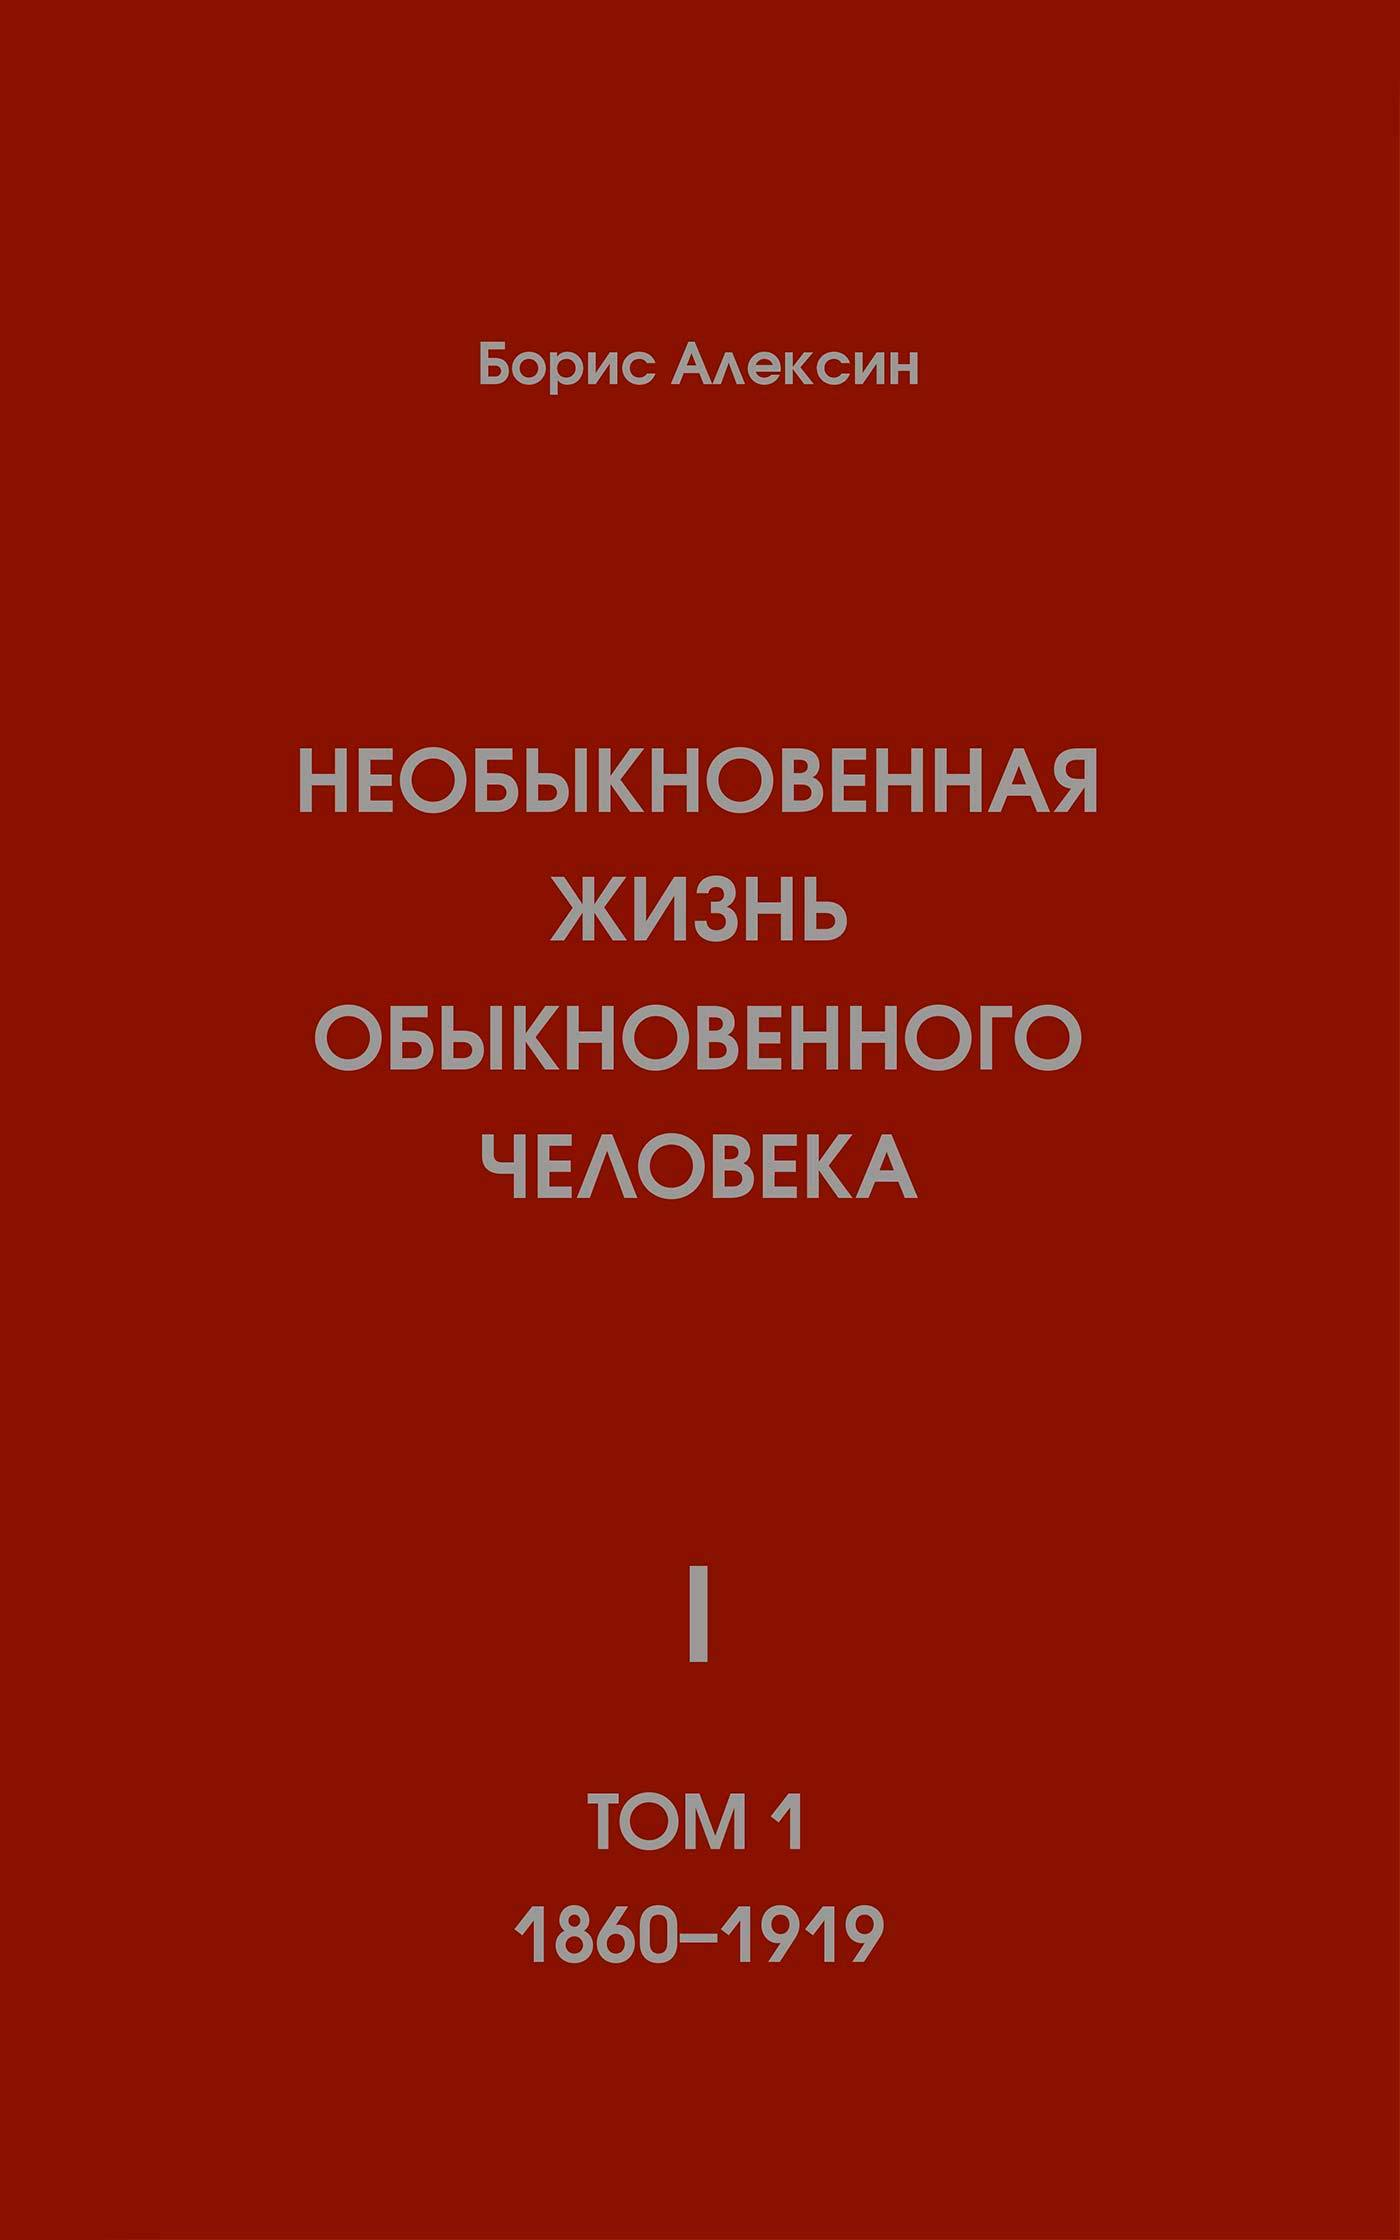 Борис Алексин Необыкновенная жизнь обыкновенного человека. Книга 1. Том 1 мухаммад таки джа фари благоразумная жизнь